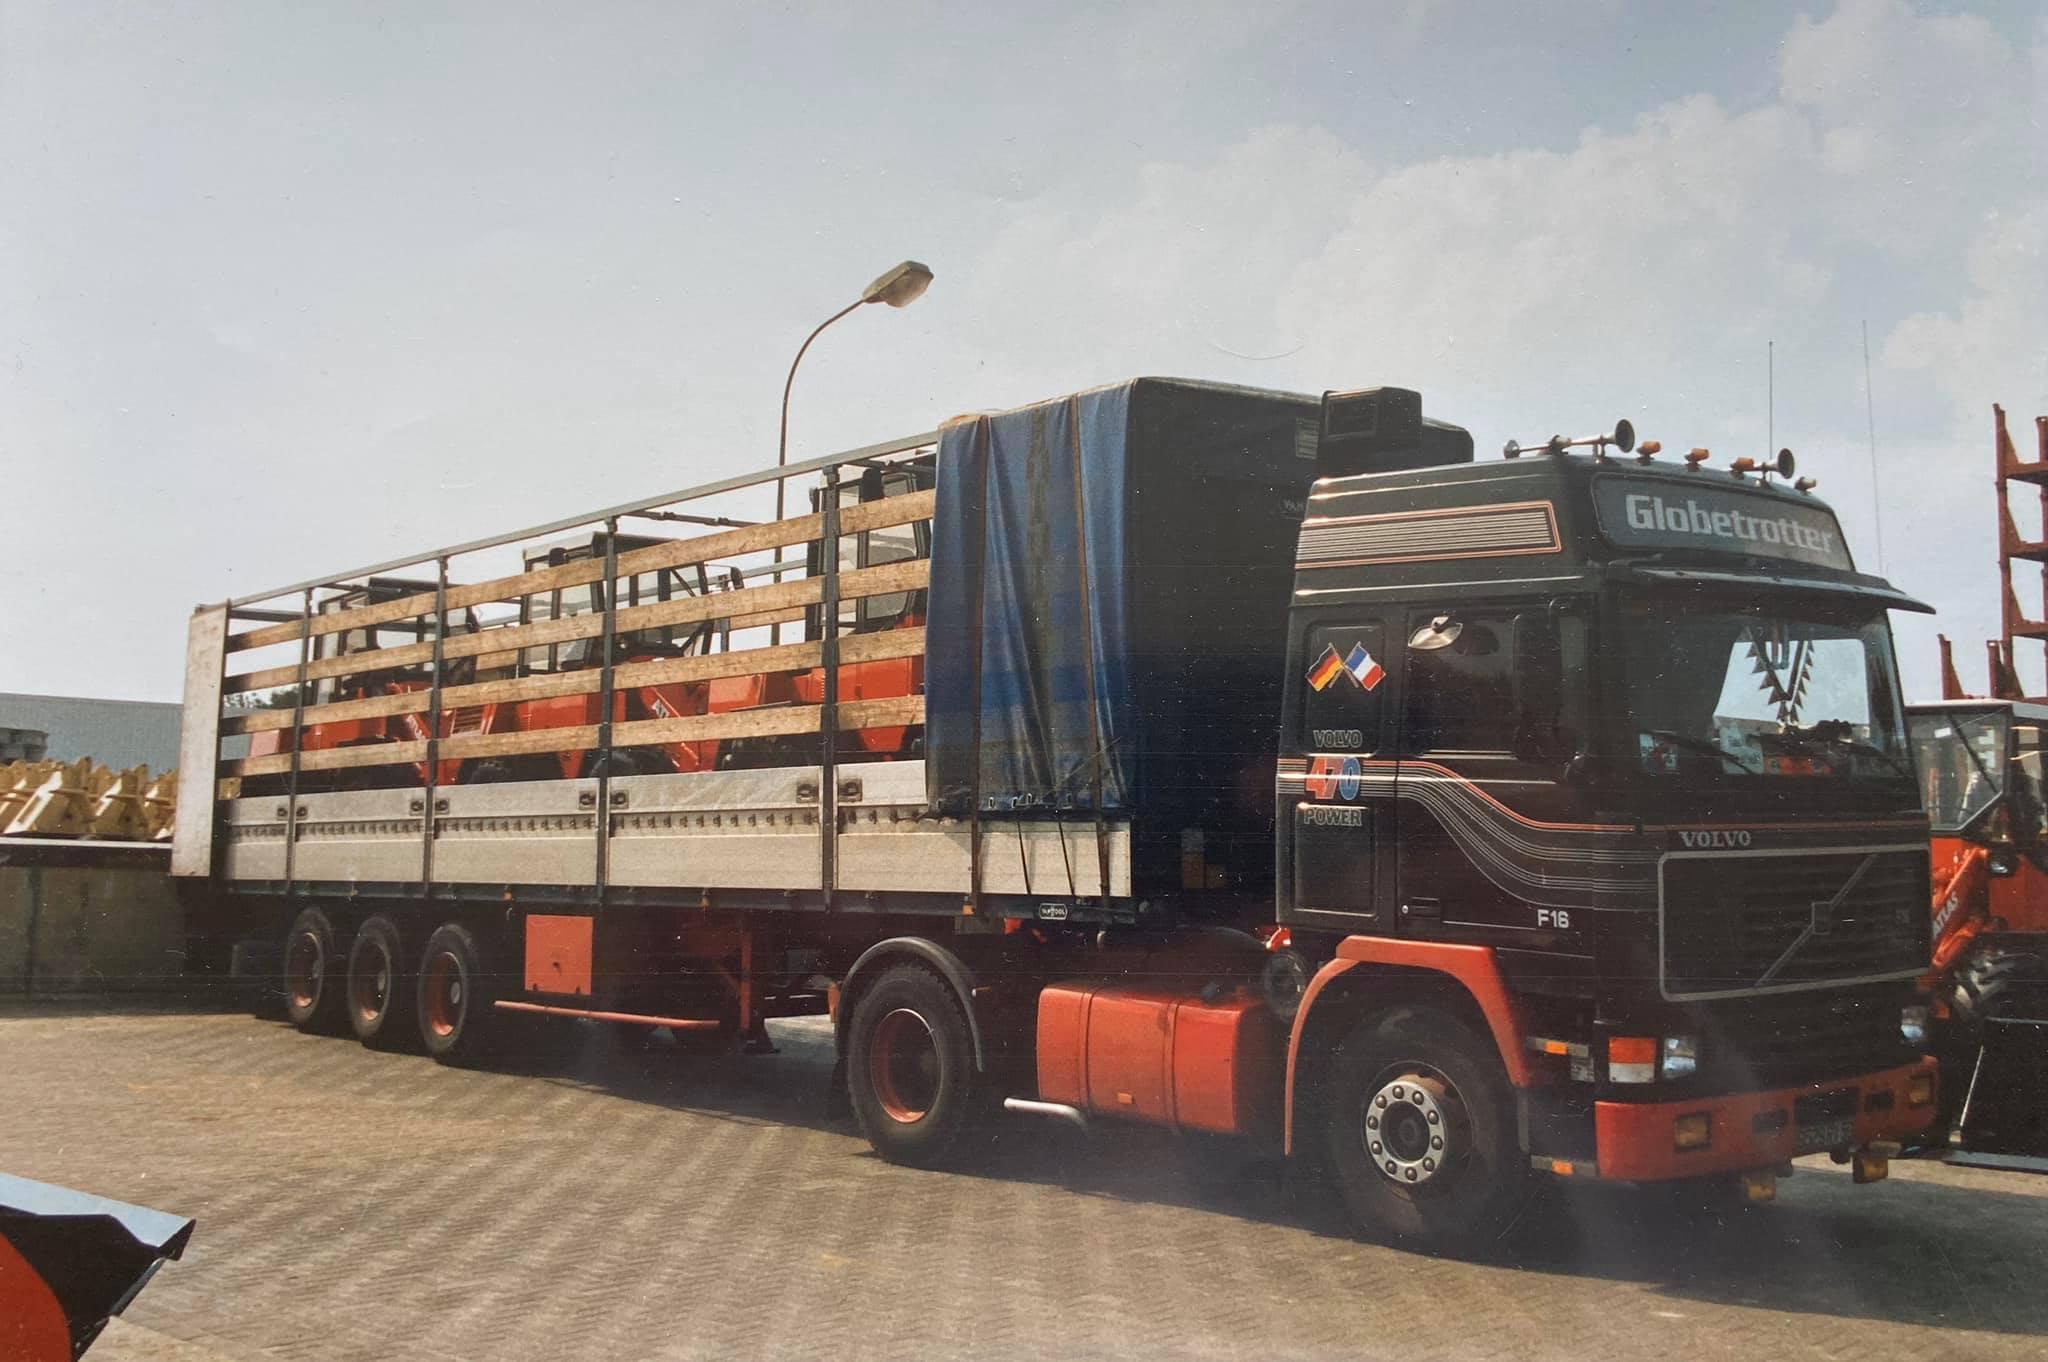 Volvo-F16--Laden-van-heftruck-in-hamburg-duitsland